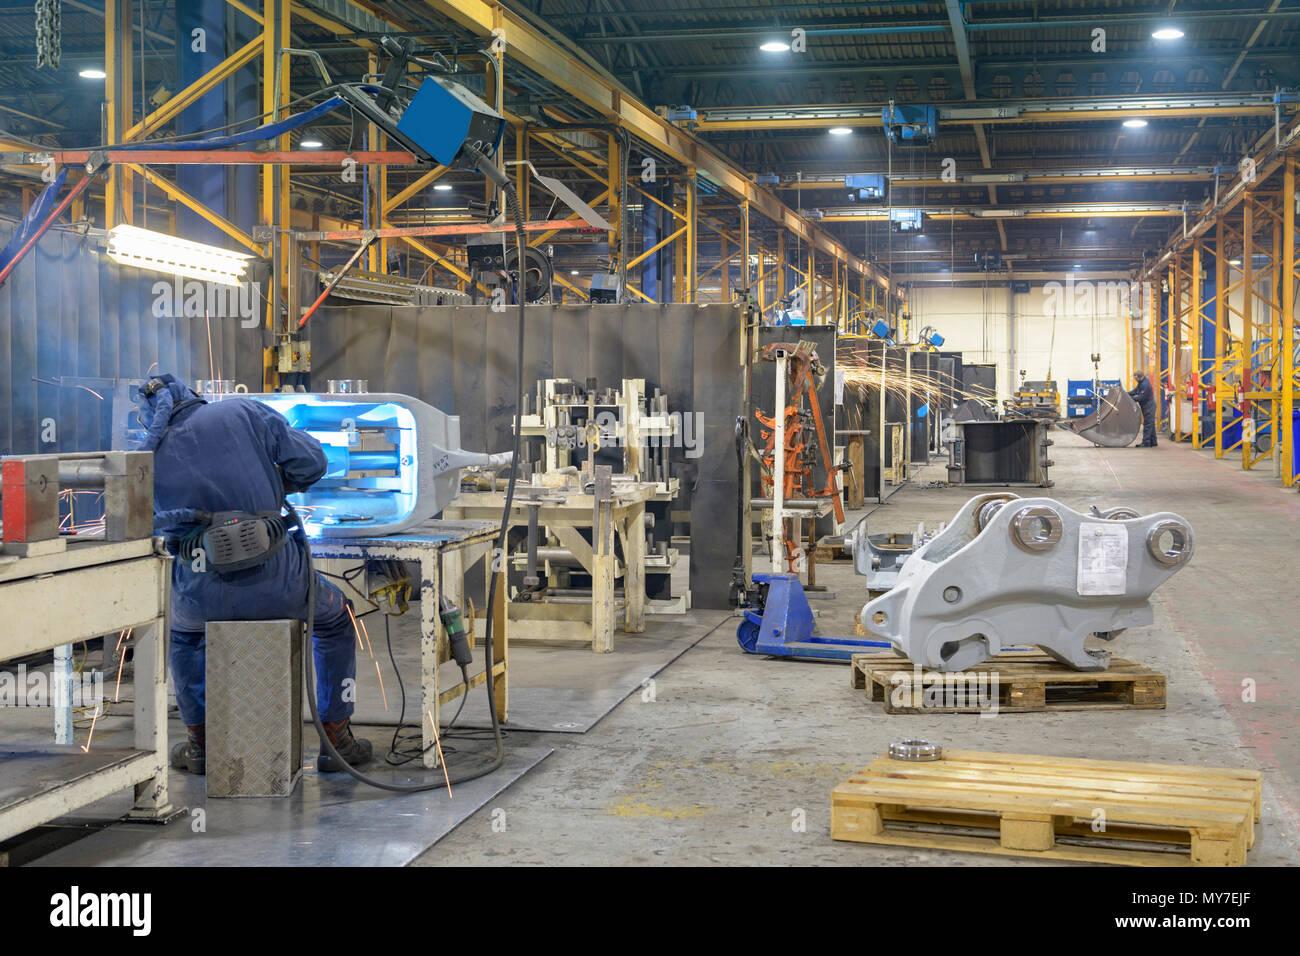 Amplio ángulo de visión de ingeniería de fábrica con soldador trabajando en primer plano Imagen De Stock